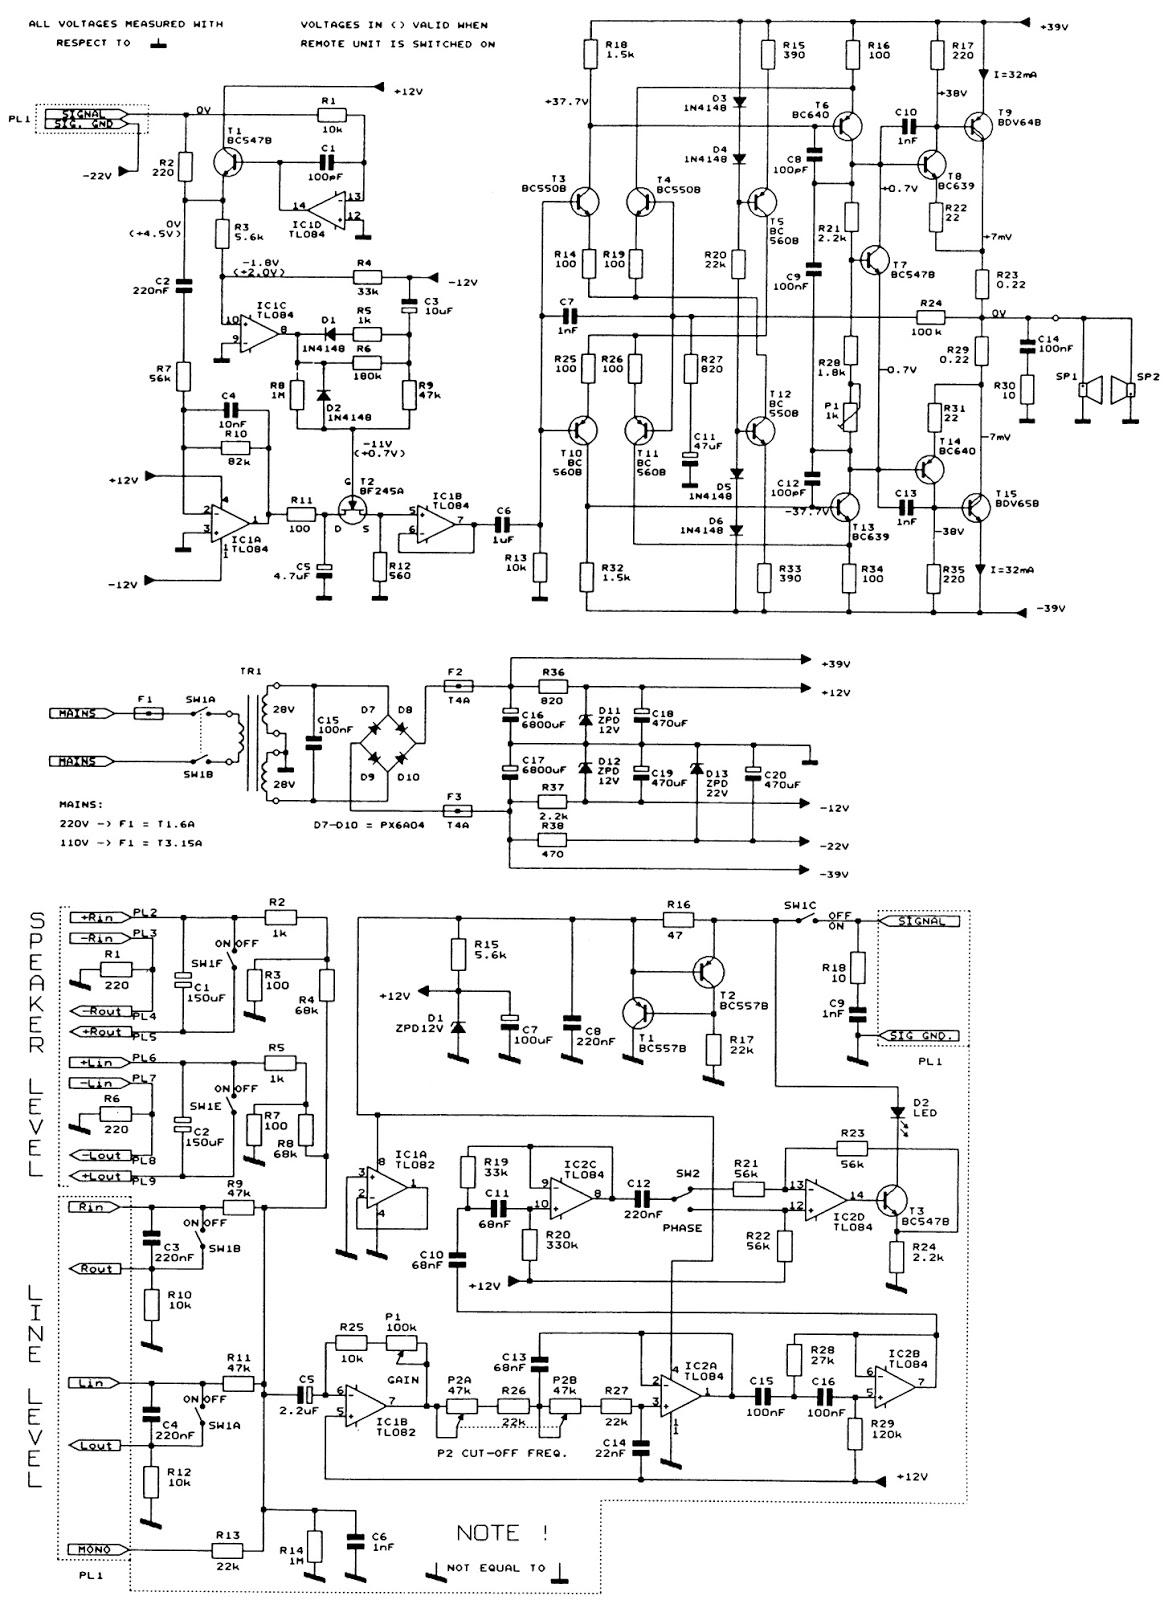 Schematic Diagrams: Jamo MPA201, Jamo SW600E, Jamo A300